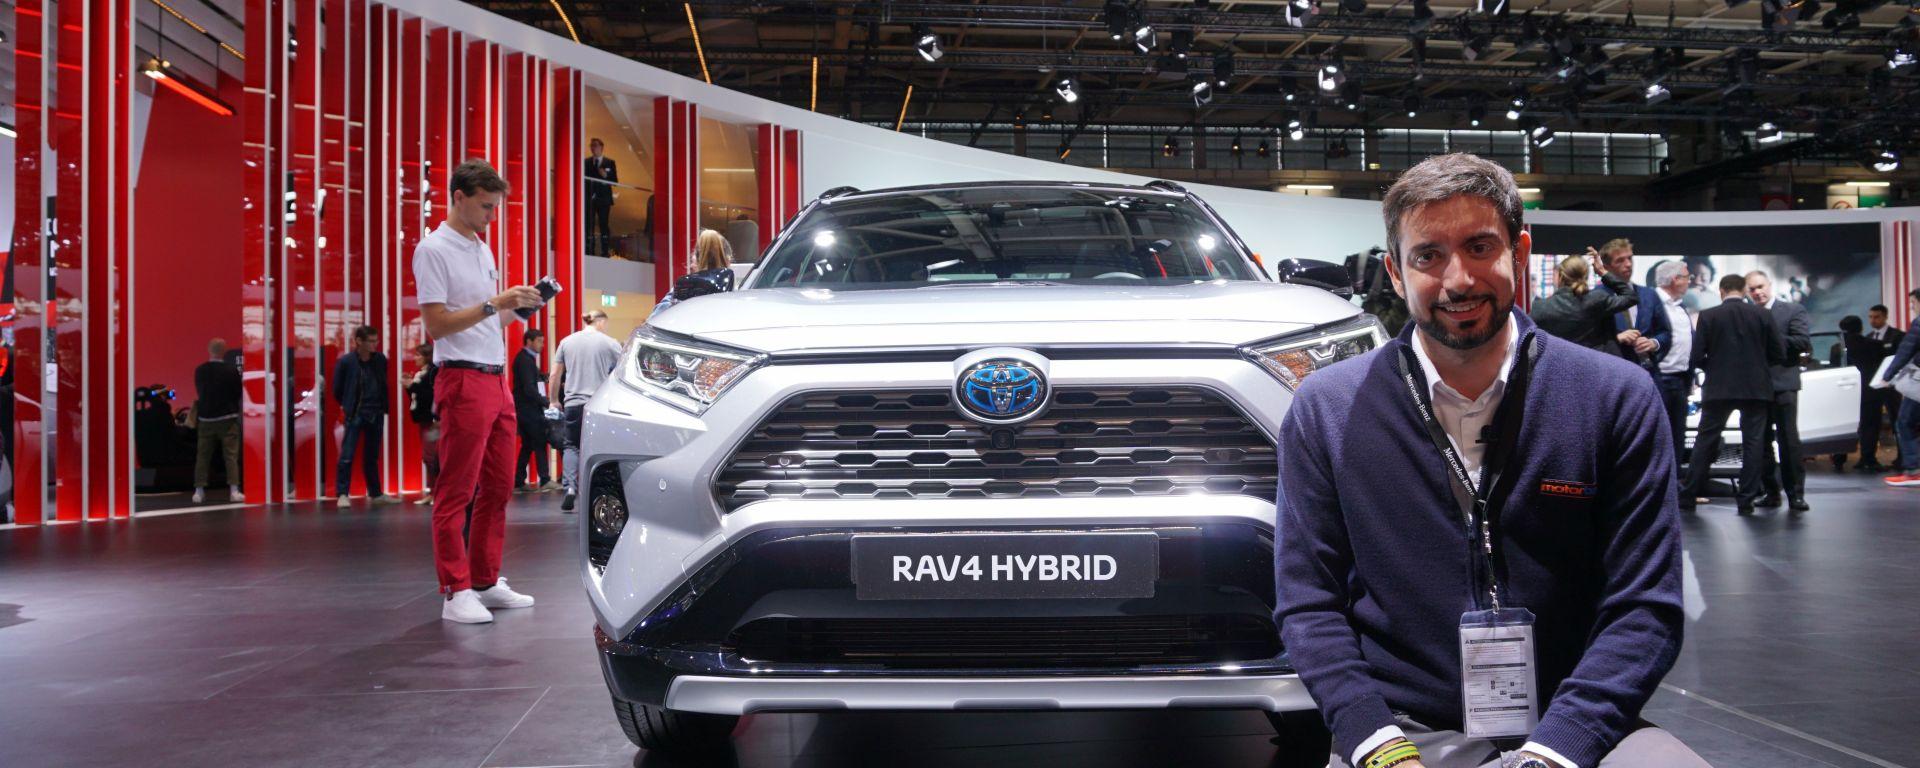 Toyota Rav4 ibrida 2019: in video dal Salone di Parigi 2018